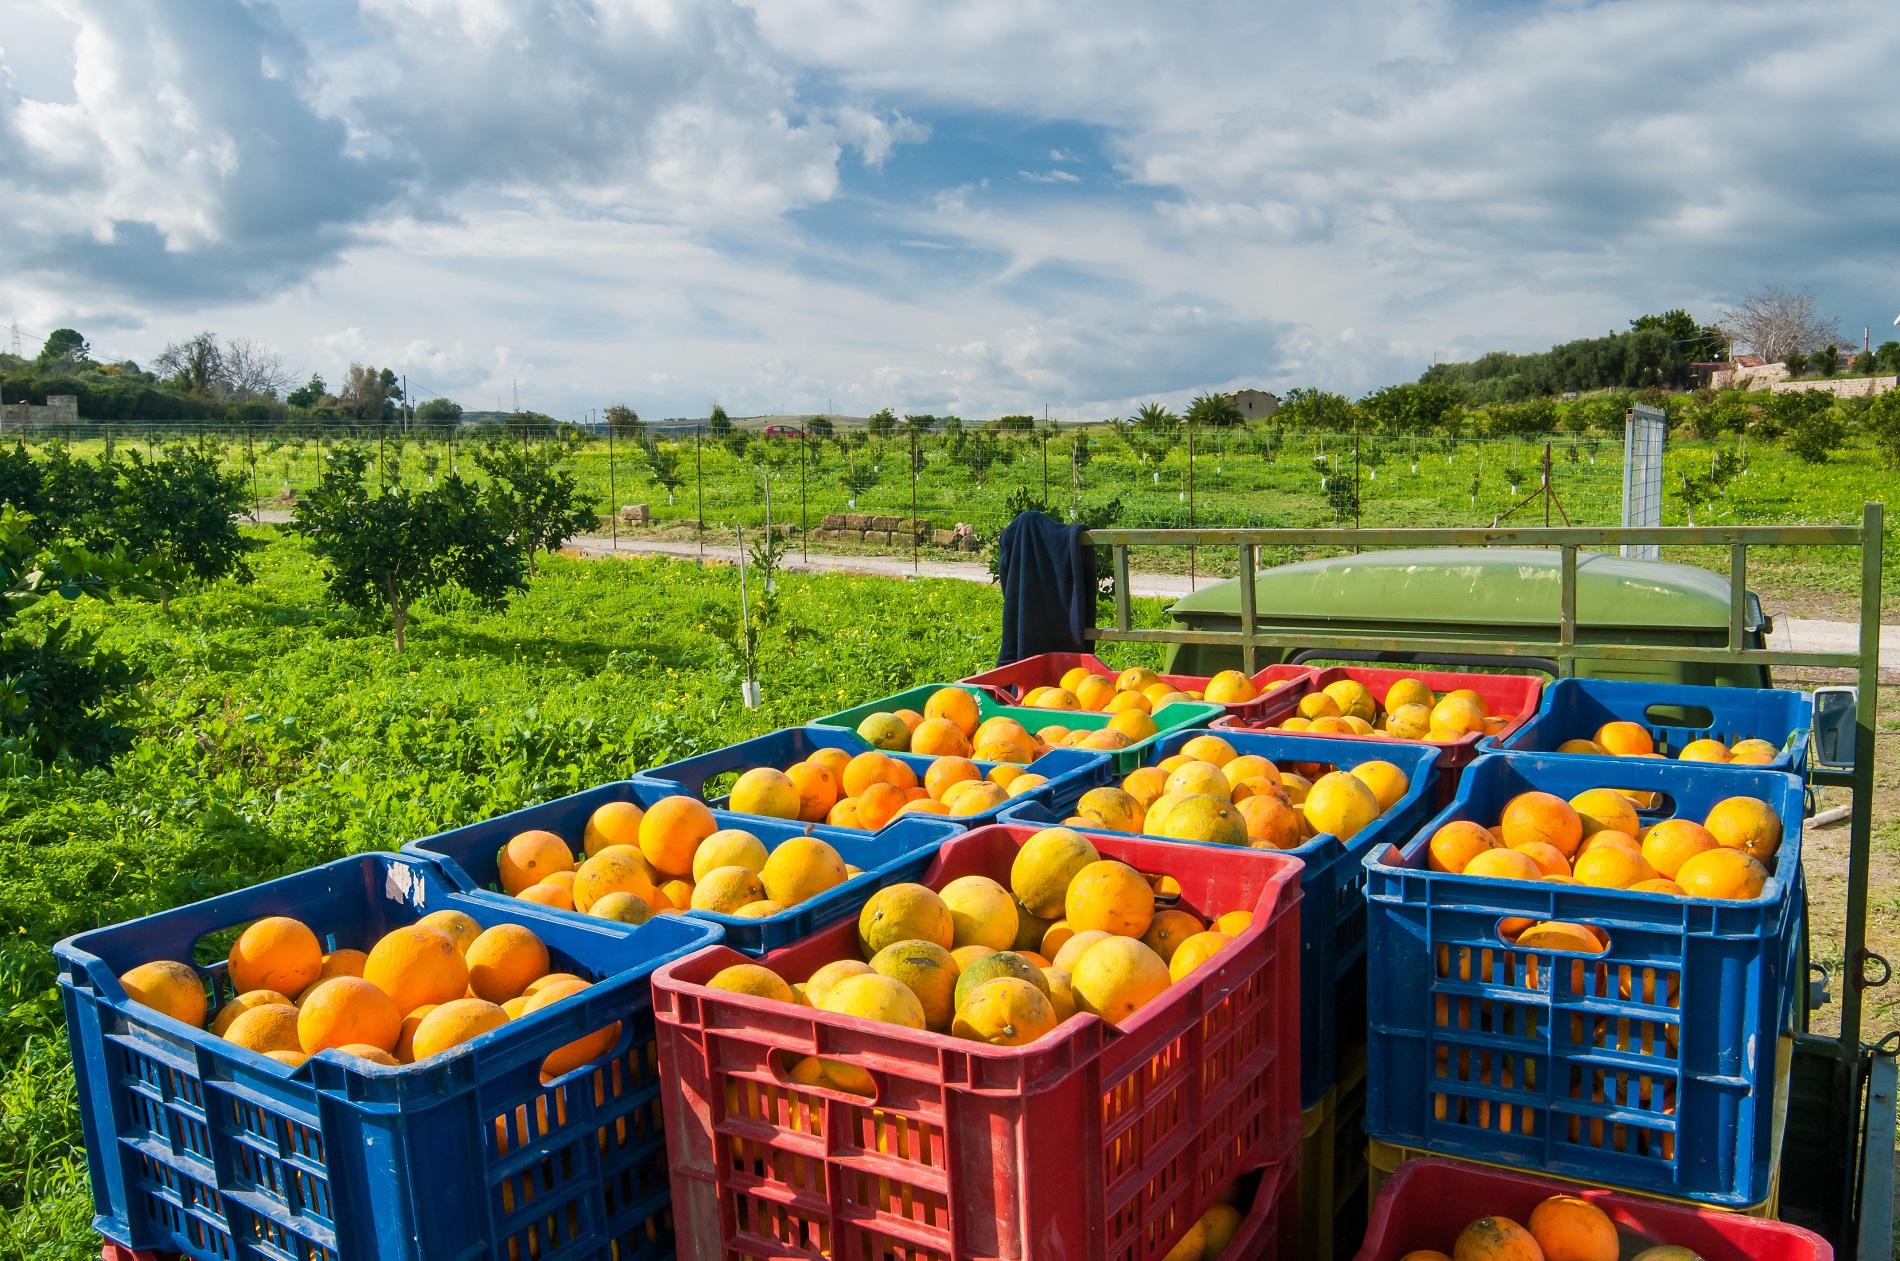 La protección de los cultivos es esencial para reducir el desperdicio alimentario